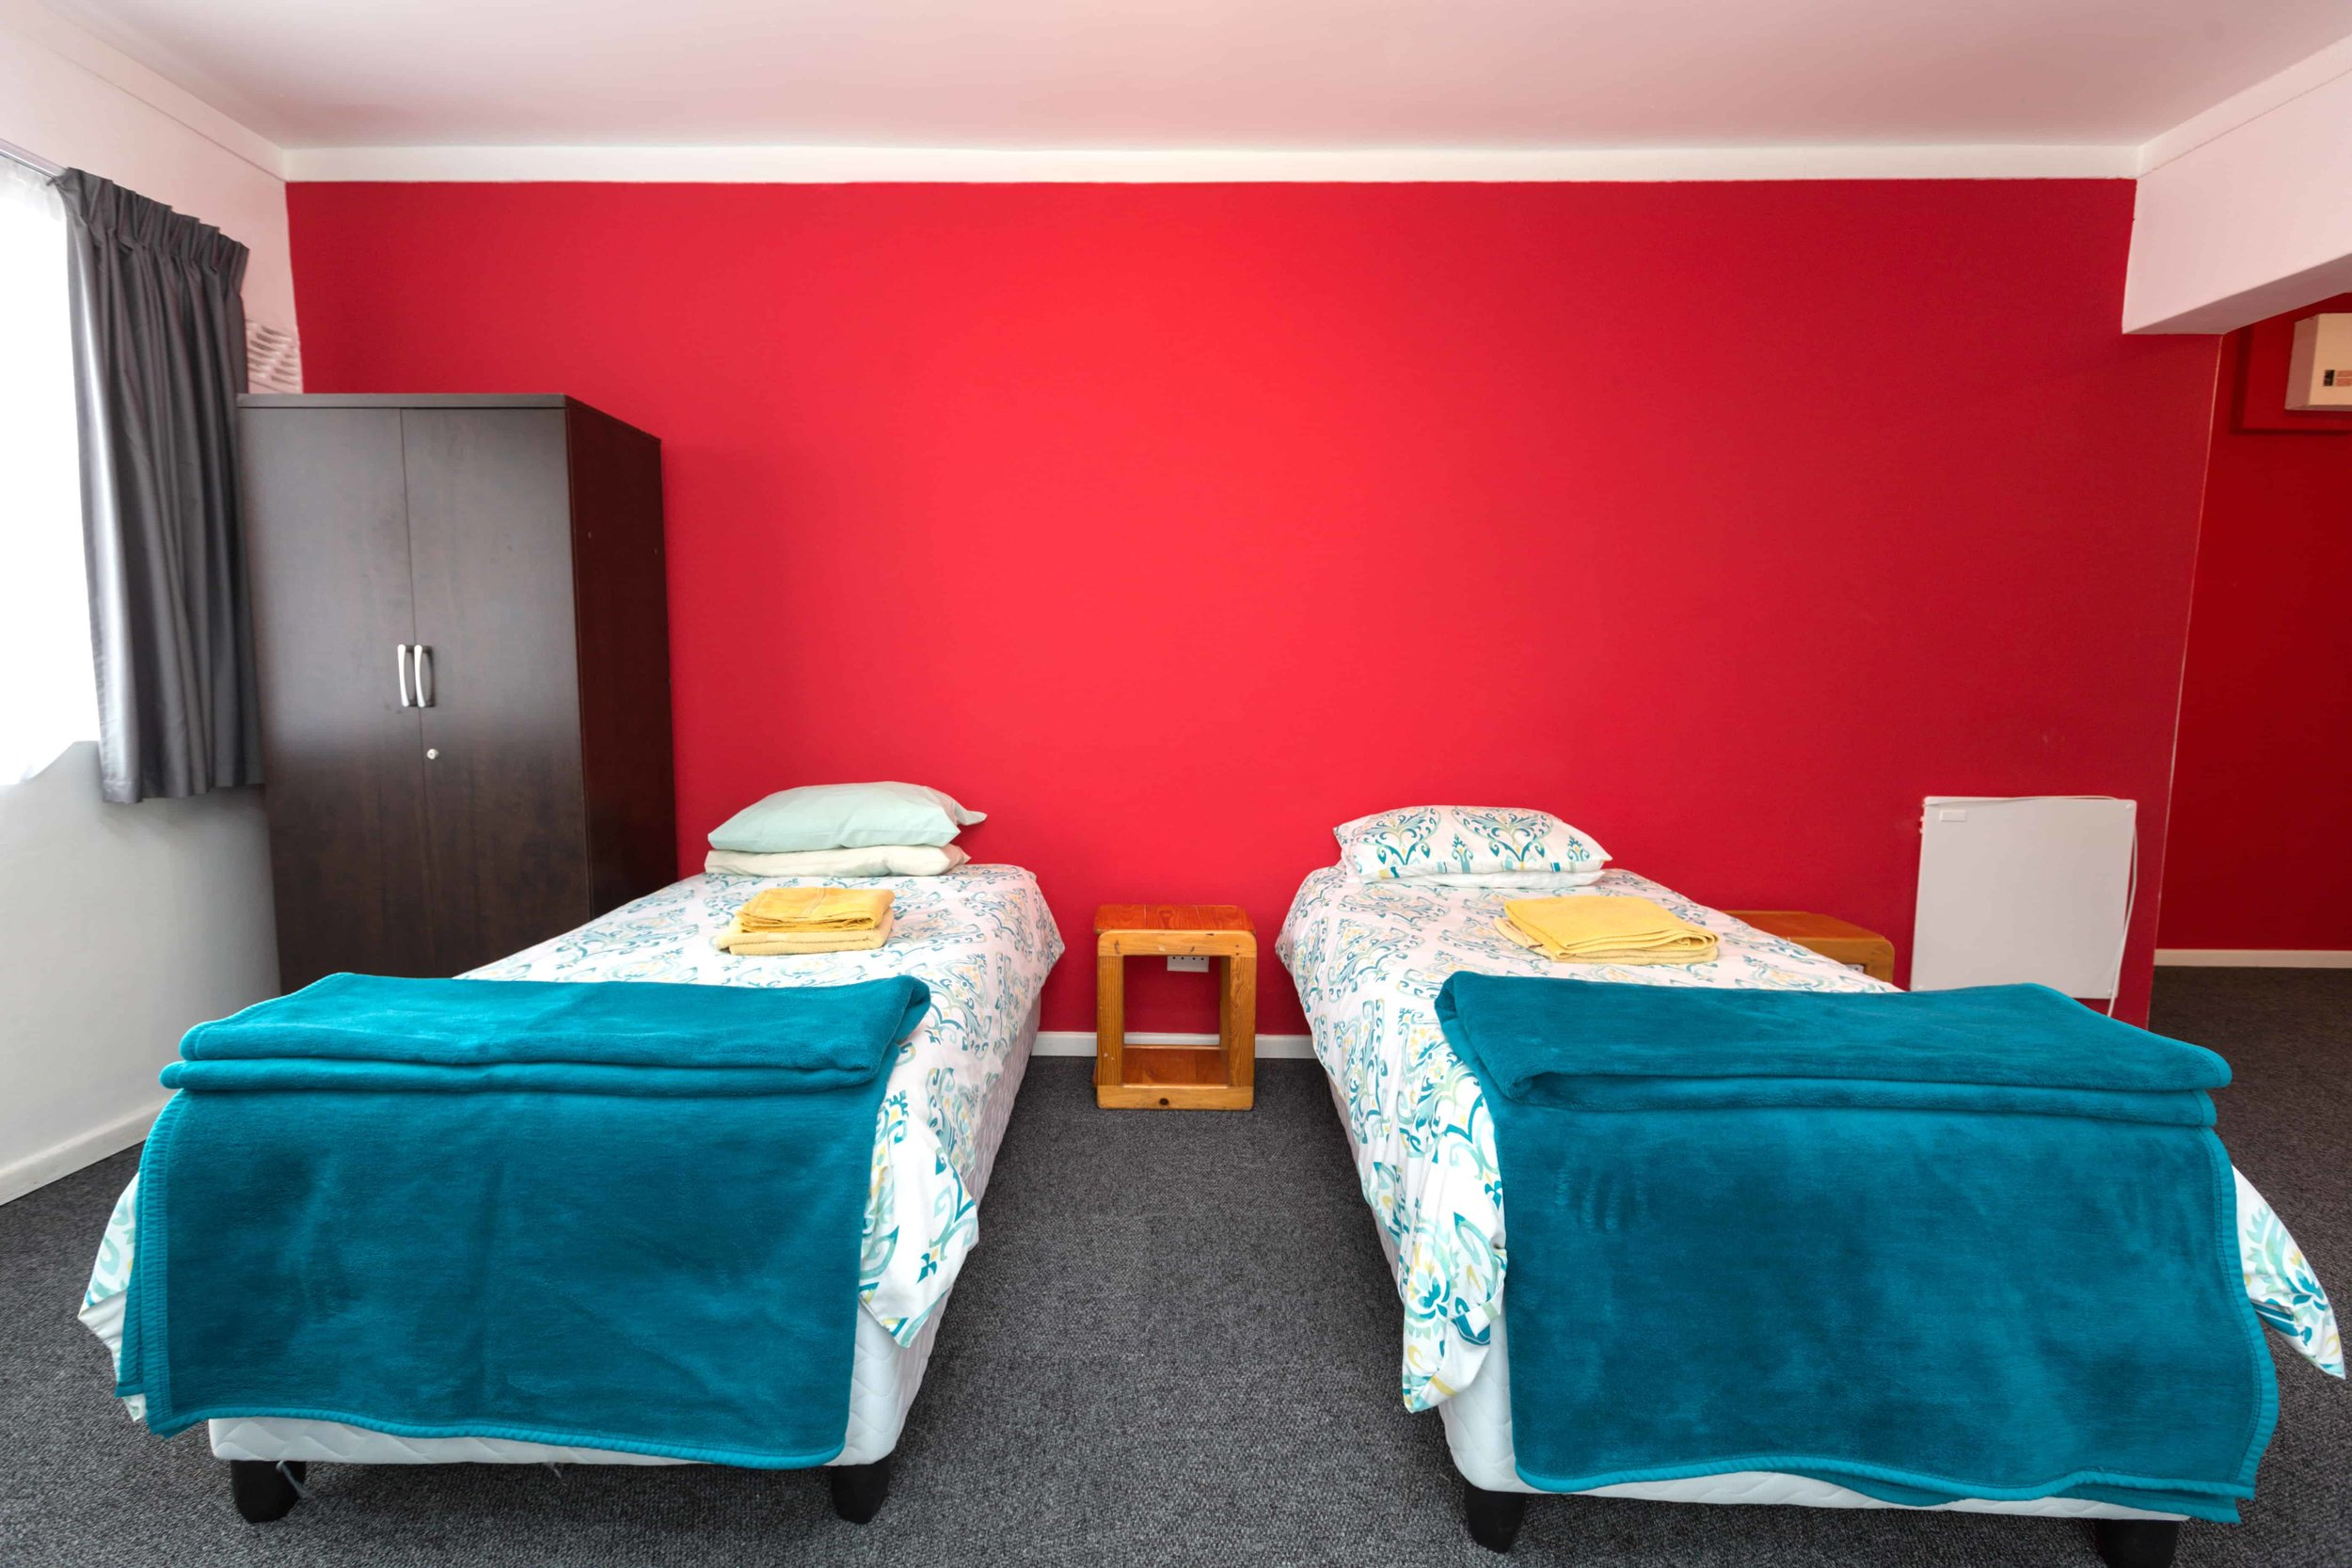 LAL-CPT-Accom-On-site-residence-868-min.jpg